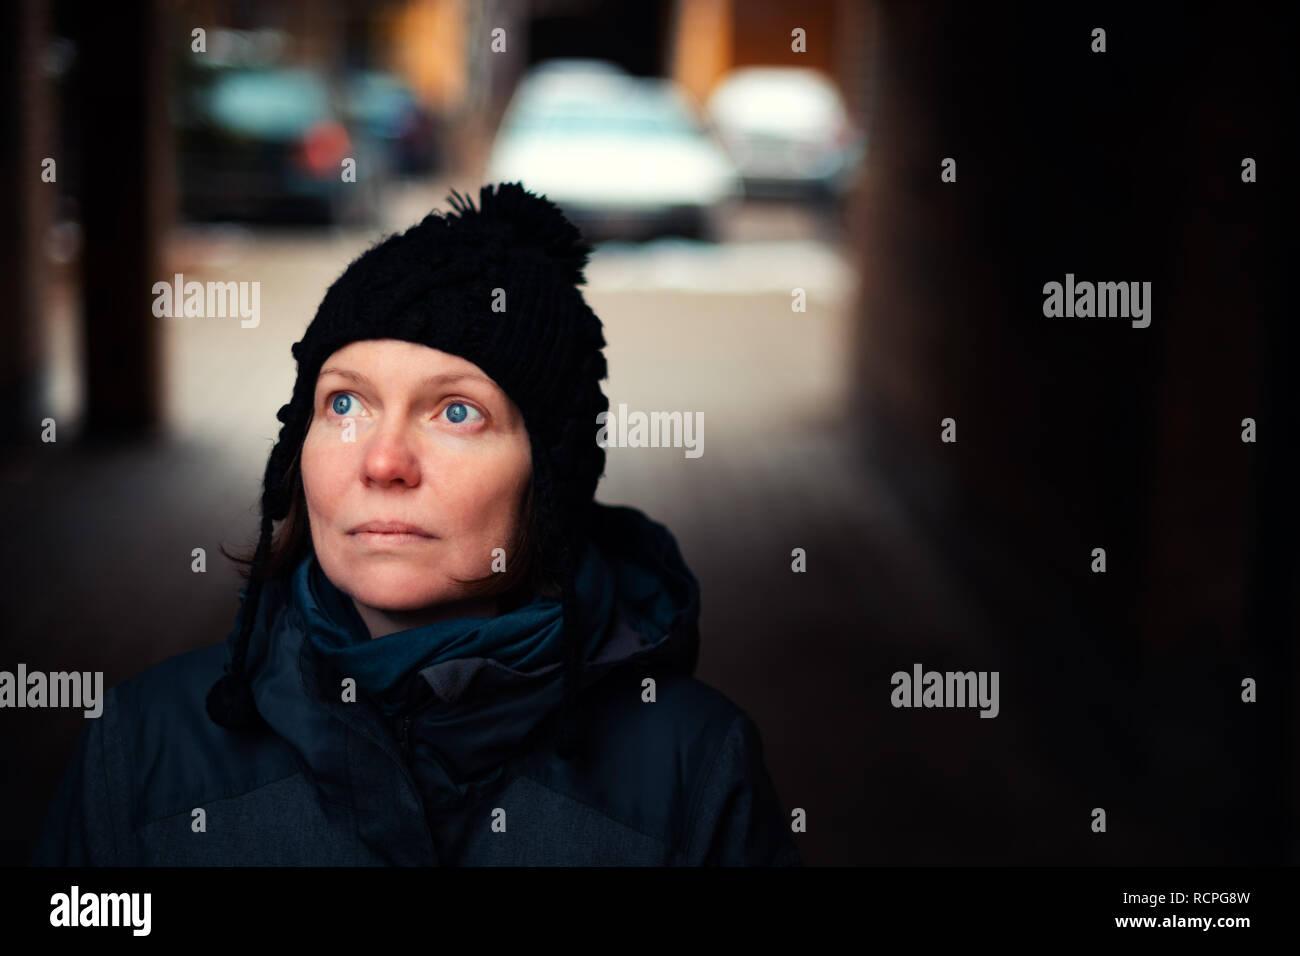 Schöne hoffnungsvoll nach kaukasische Frau Porträt auf der Straße in der Kälte des Winters Tag Stockfoto